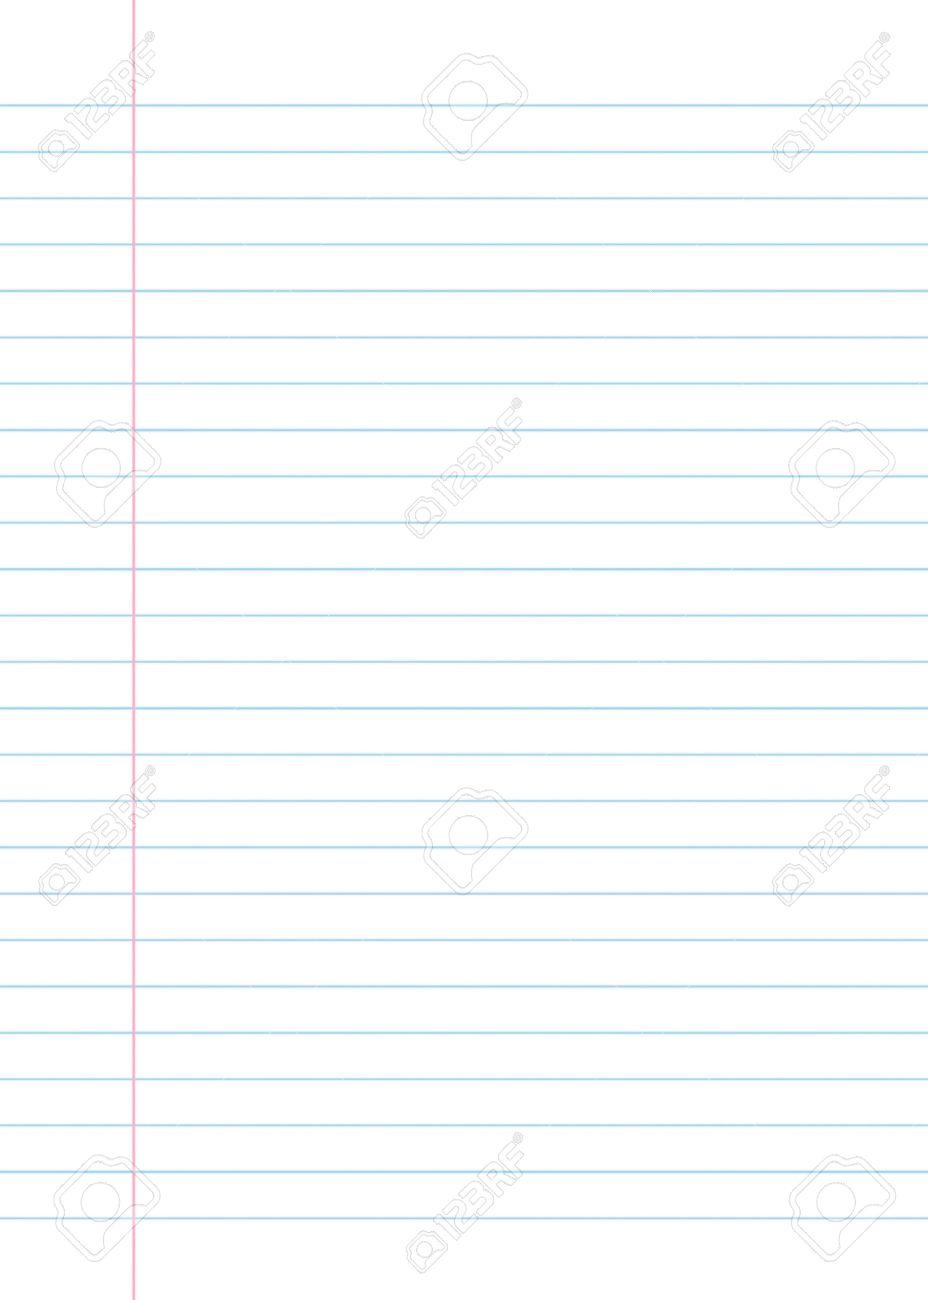 Blank Gesäumt Papier Textur Aus Einem Notebook Oder Notizblock. Groß ...